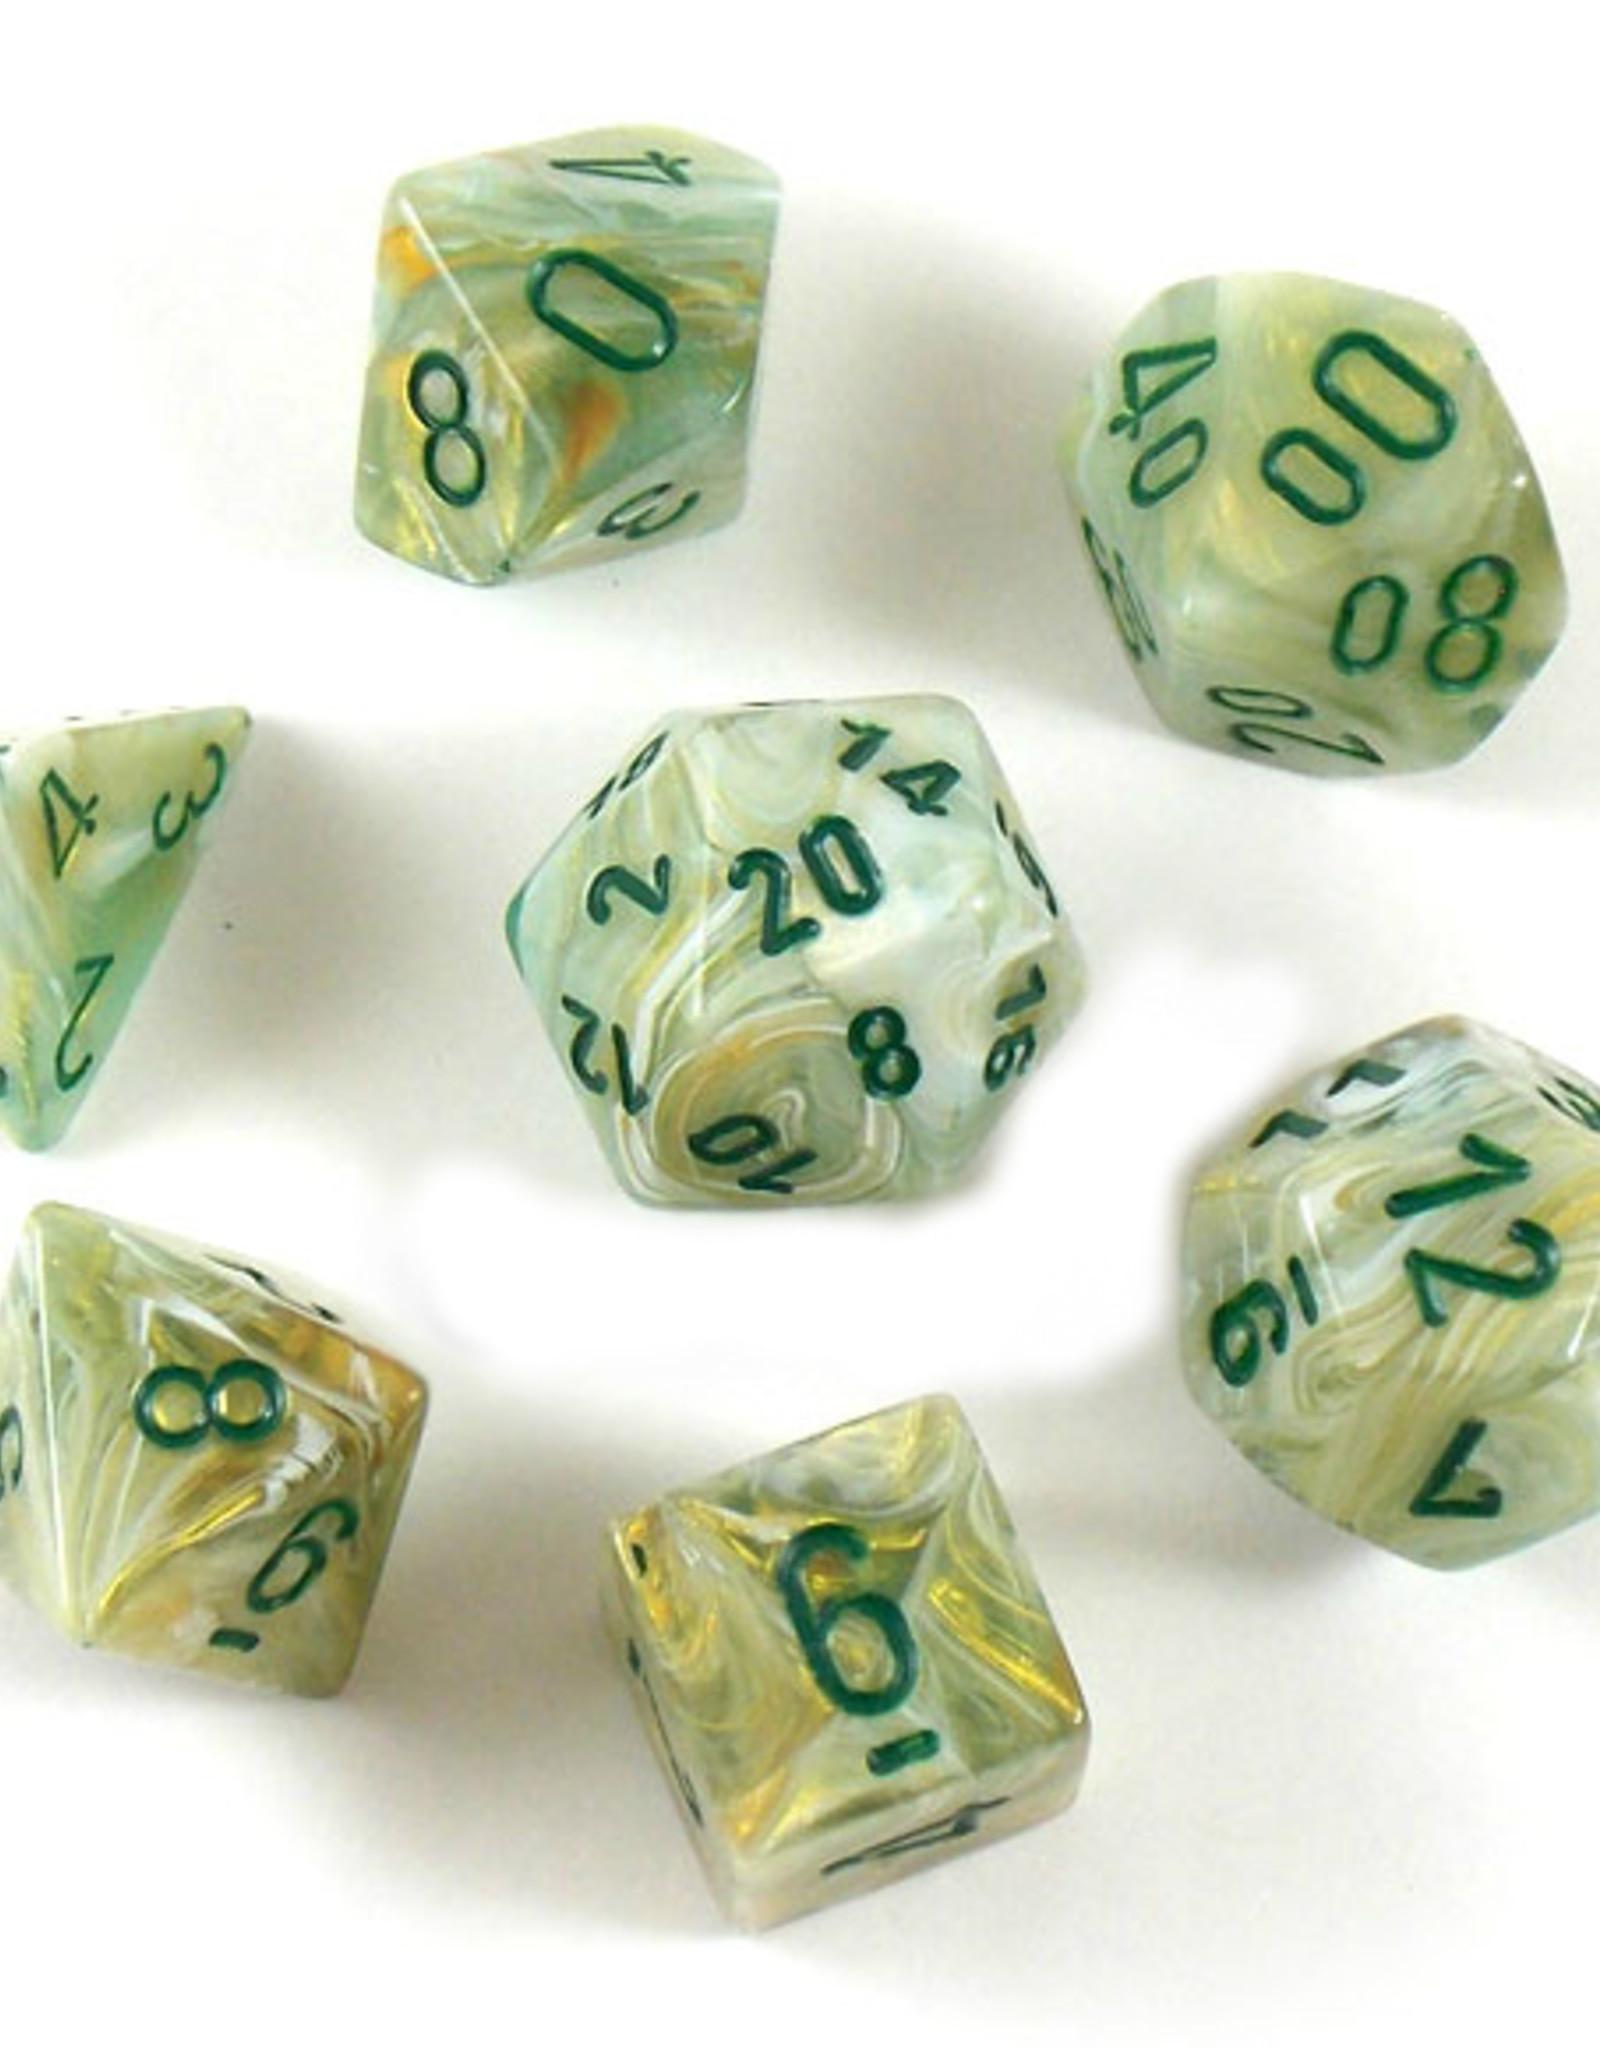 Chessex Chessex 7-Die set Marble - Green/Dark Green